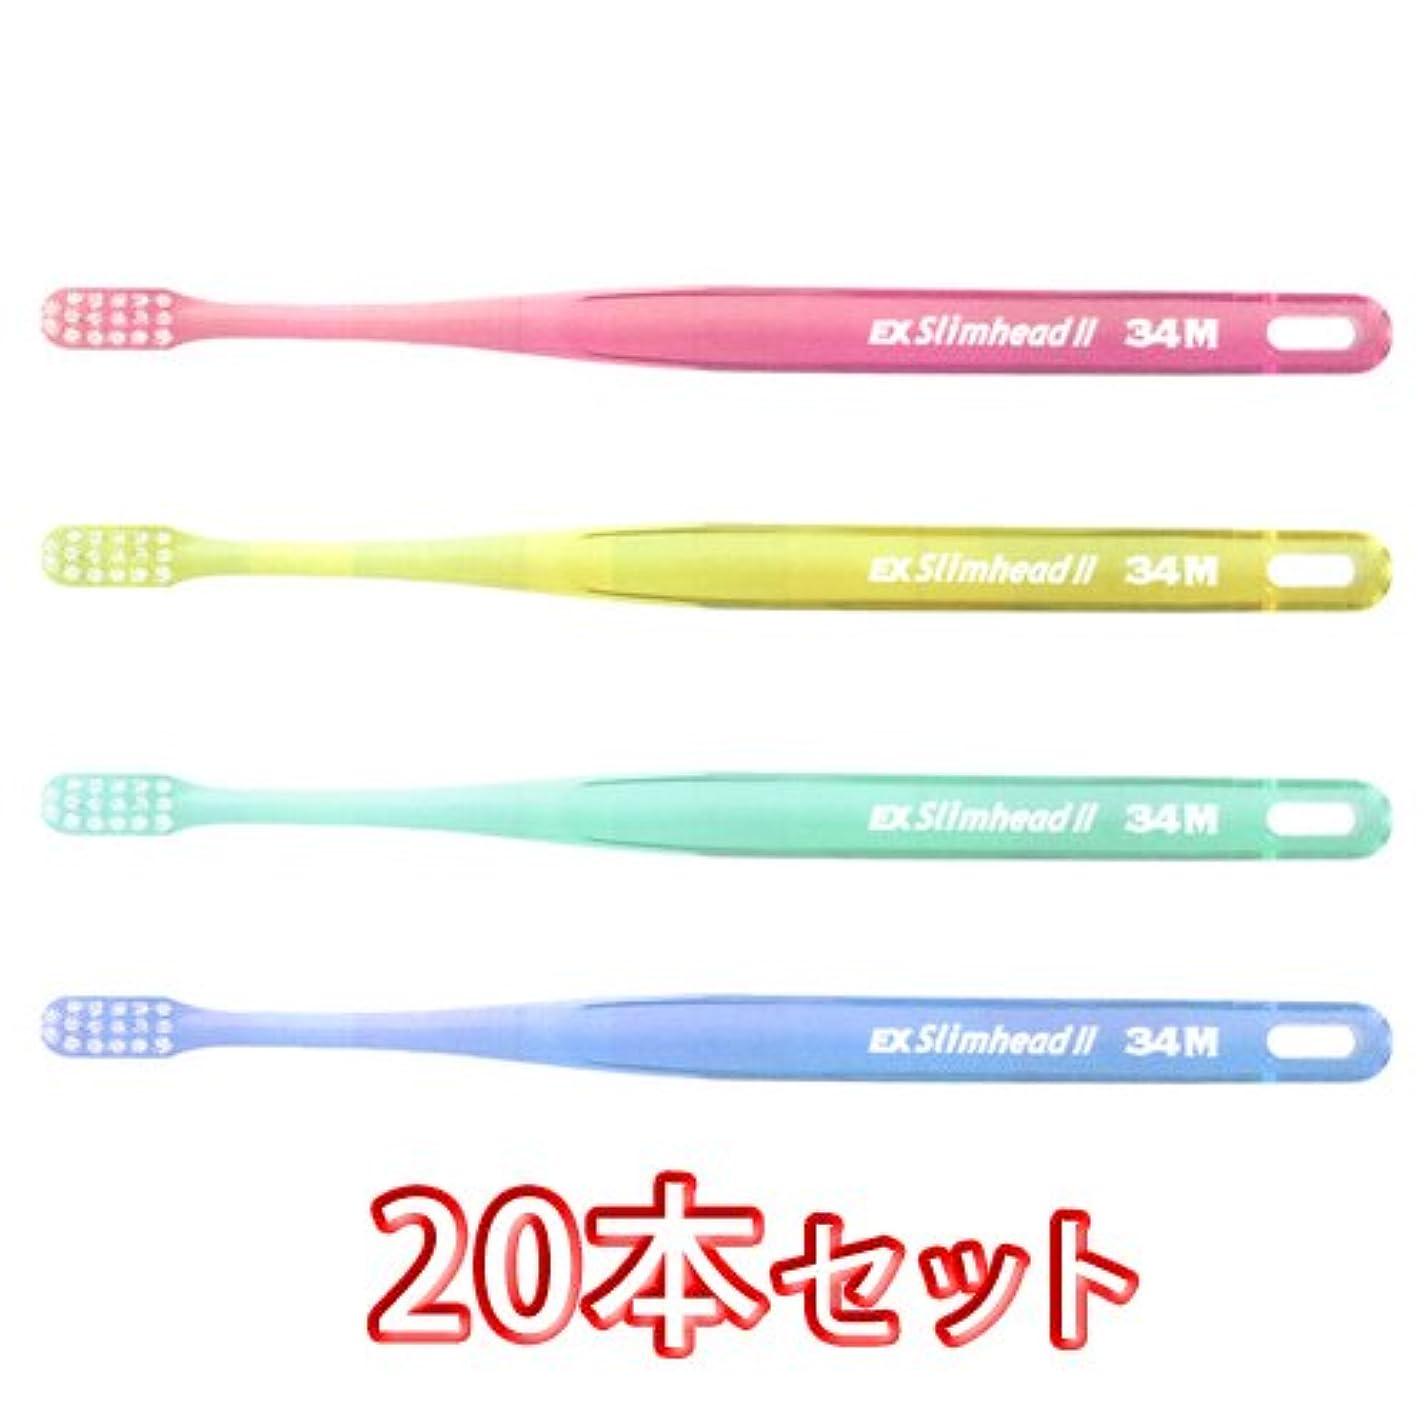 窓を洗うパラメータボットライオン スリムヘッド2 歯ブラシ DENT . EX Slimhead2 20本入 (34M)